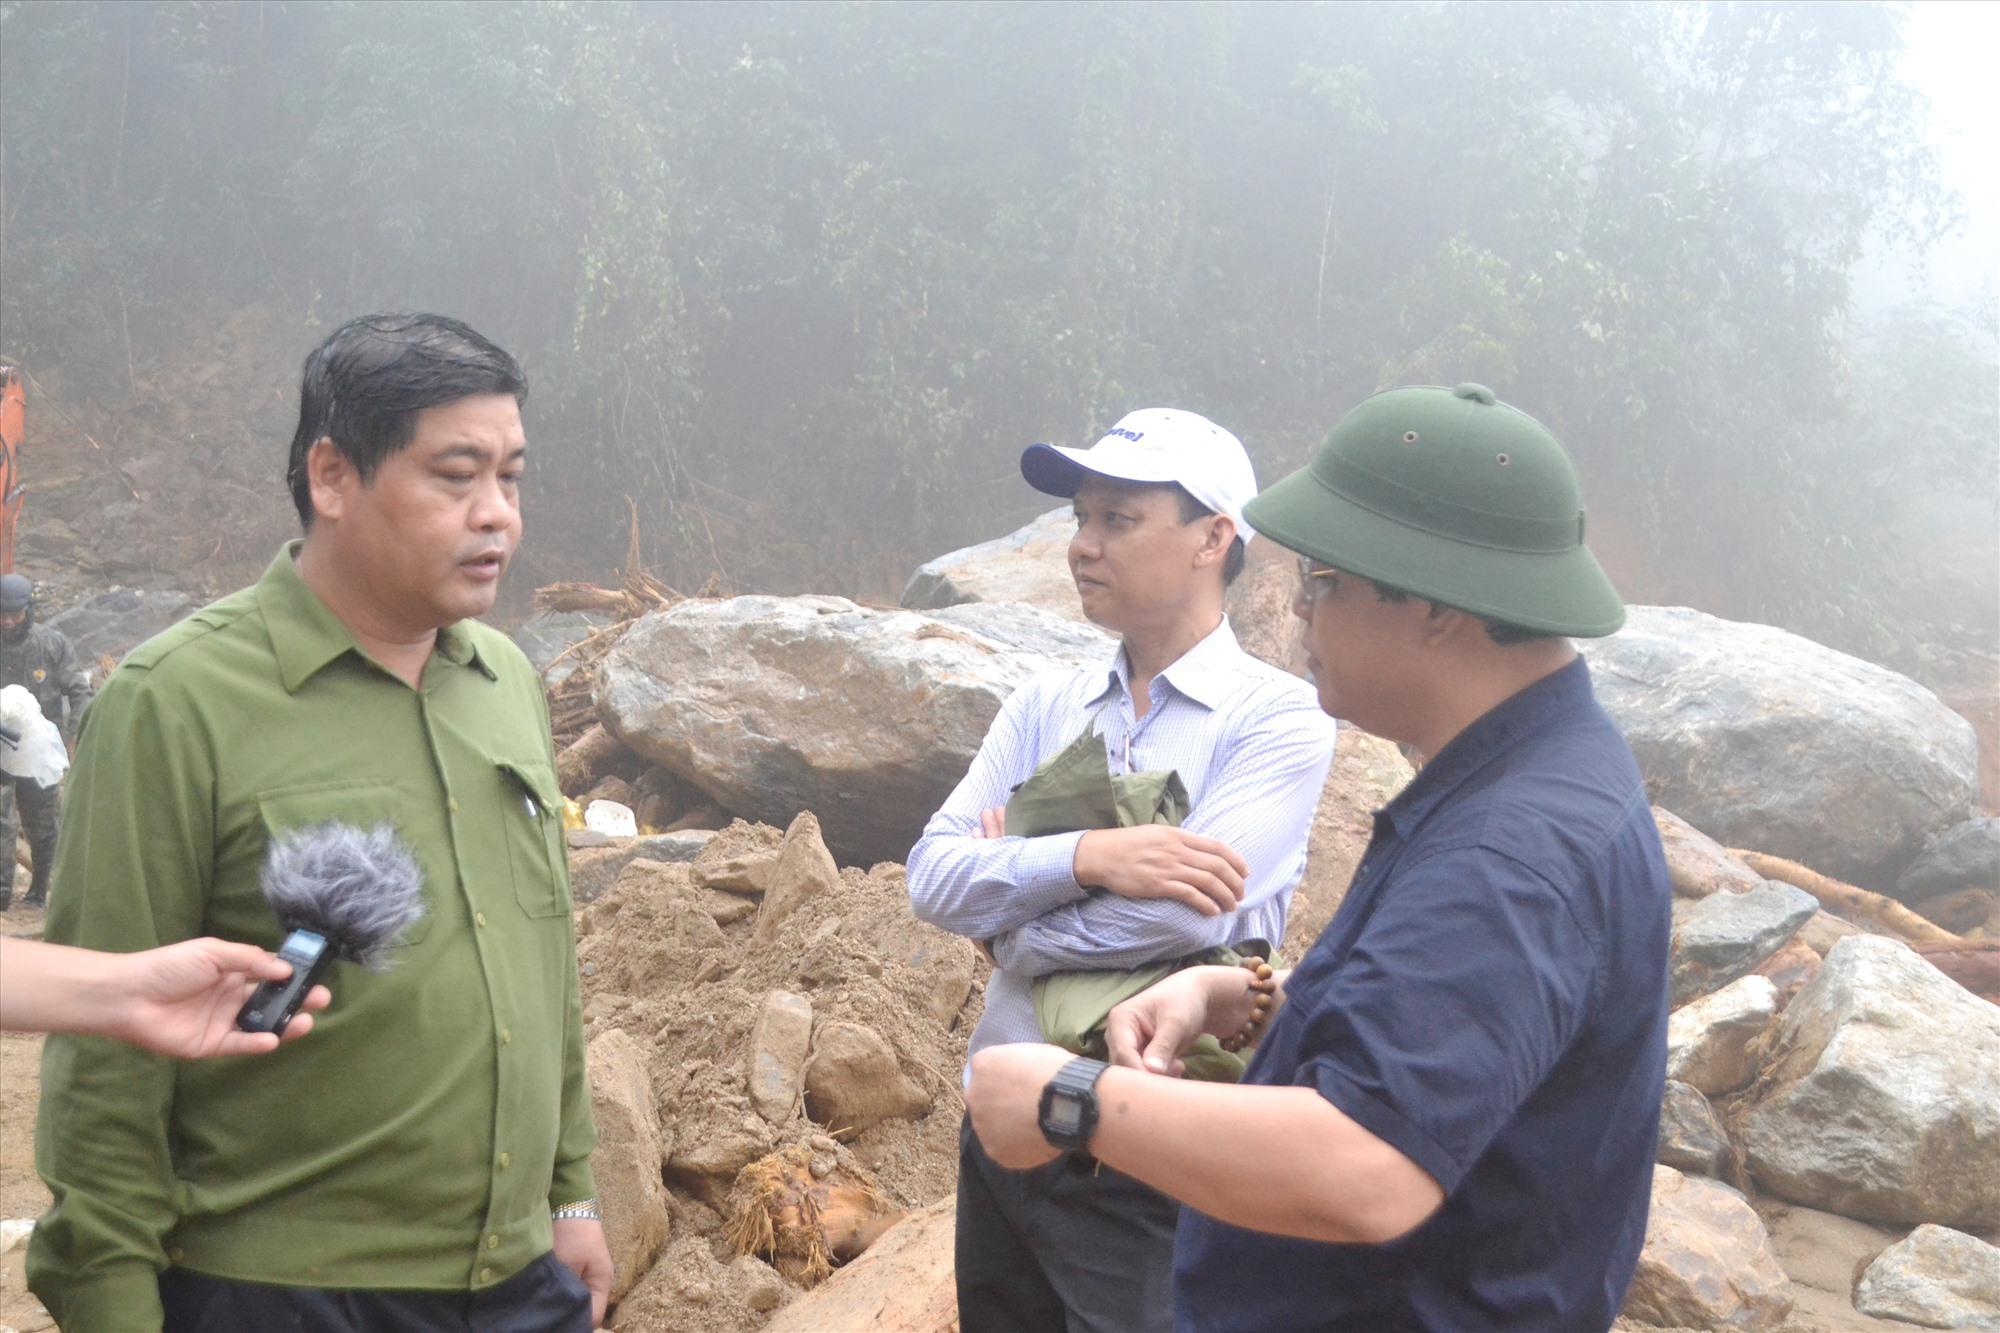 Đồng chí Nguyễn Mạnh Hà (bên trái) bàn nhanh phương án khắc phục trên hiện trường với lãnh đạo Sở GTVT. Ảnh: CT